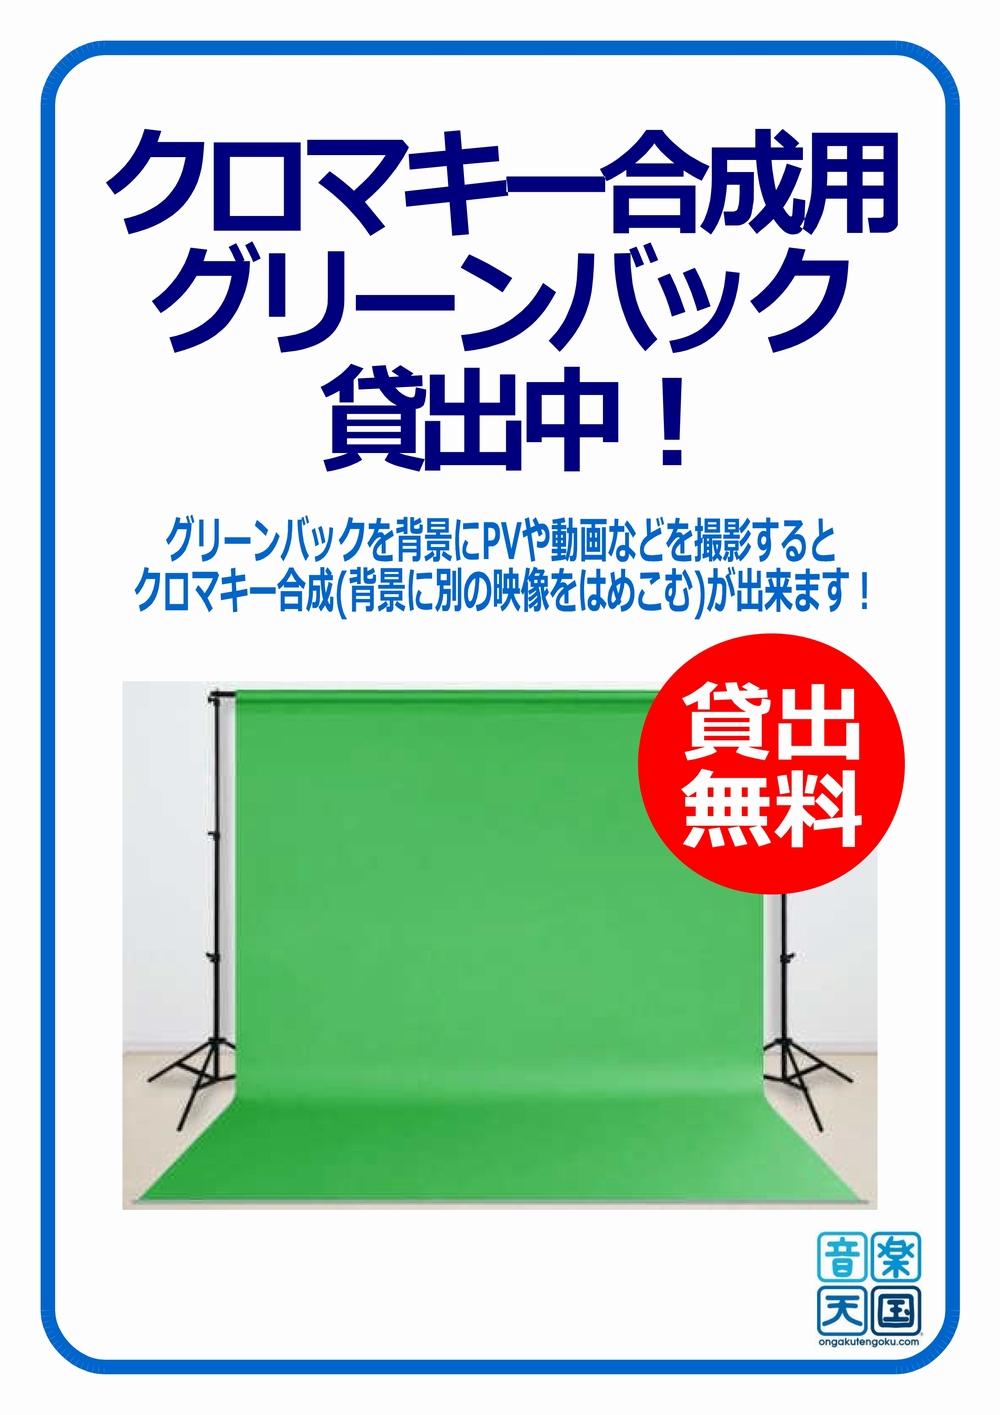 音楽天国・静岡草薙店でクロマキーグリーンバック貸出